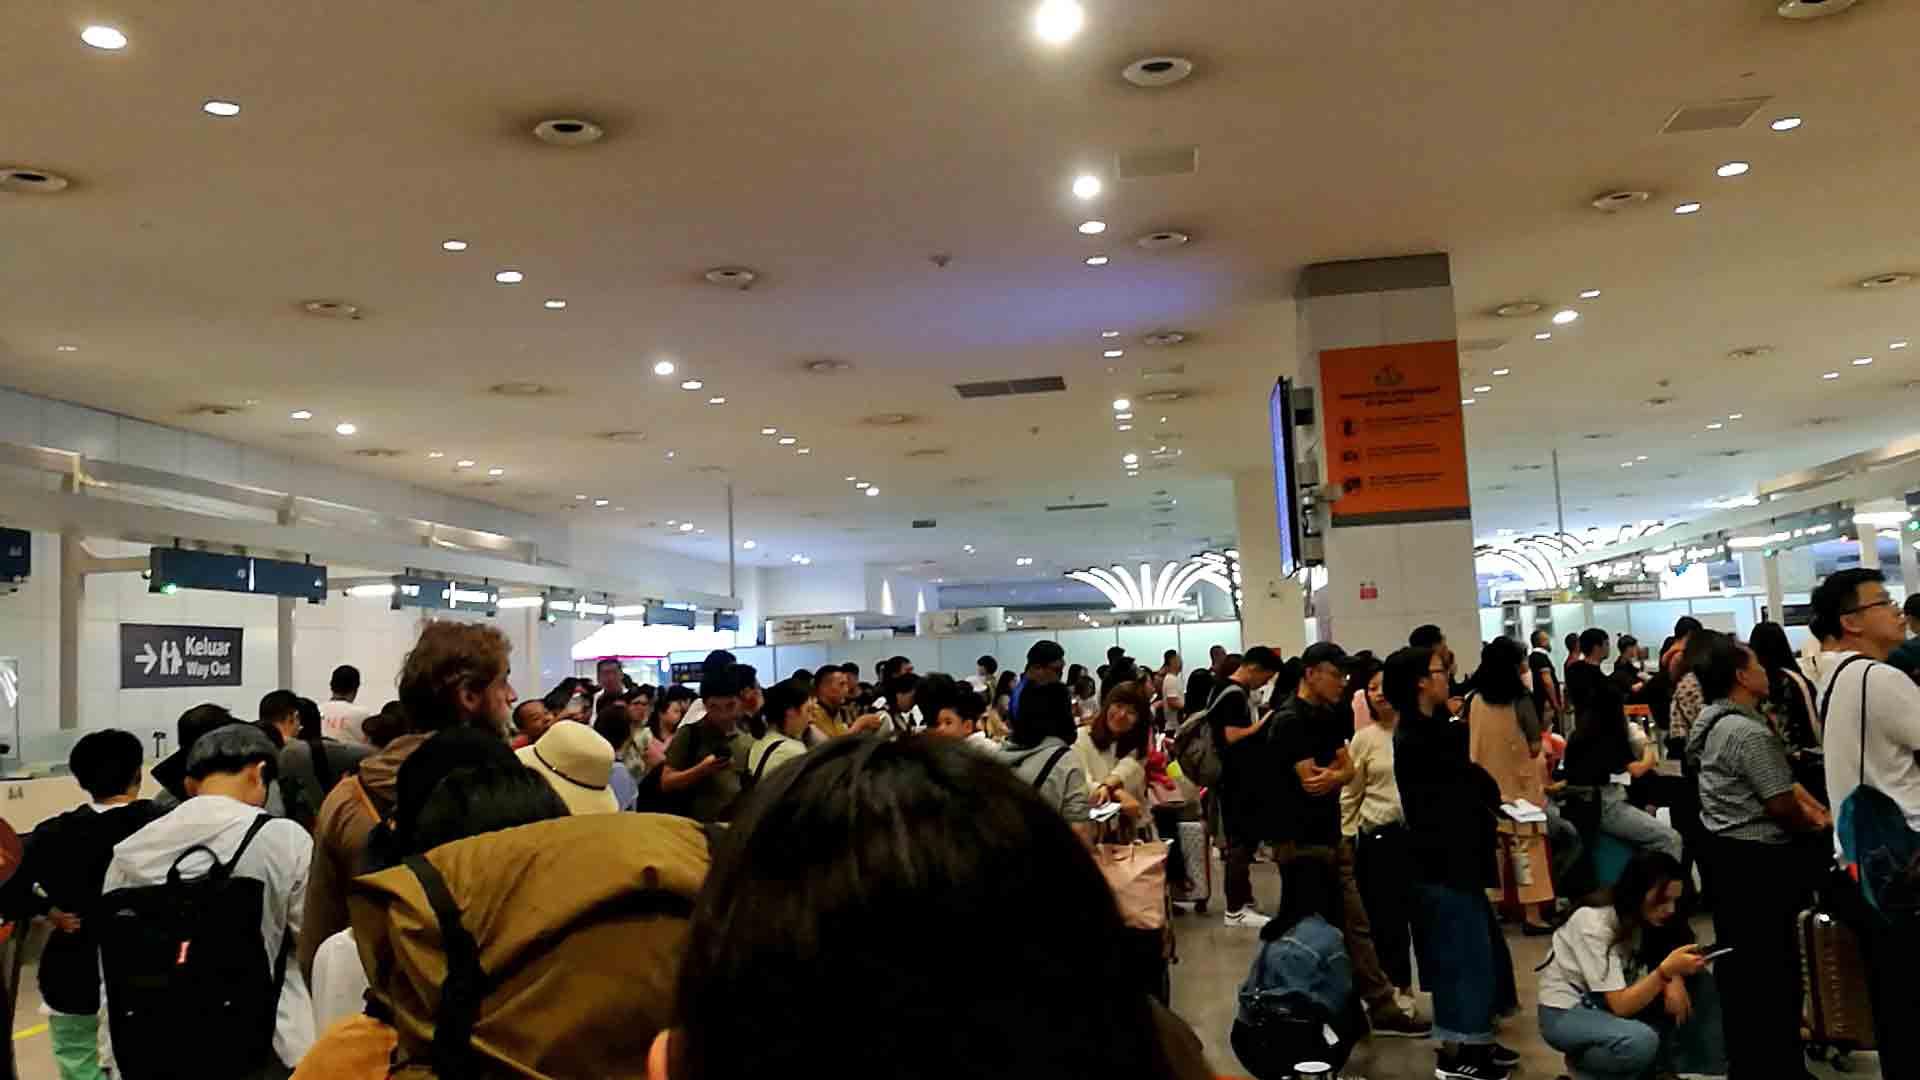 マレーシア入国審査待ちの写真